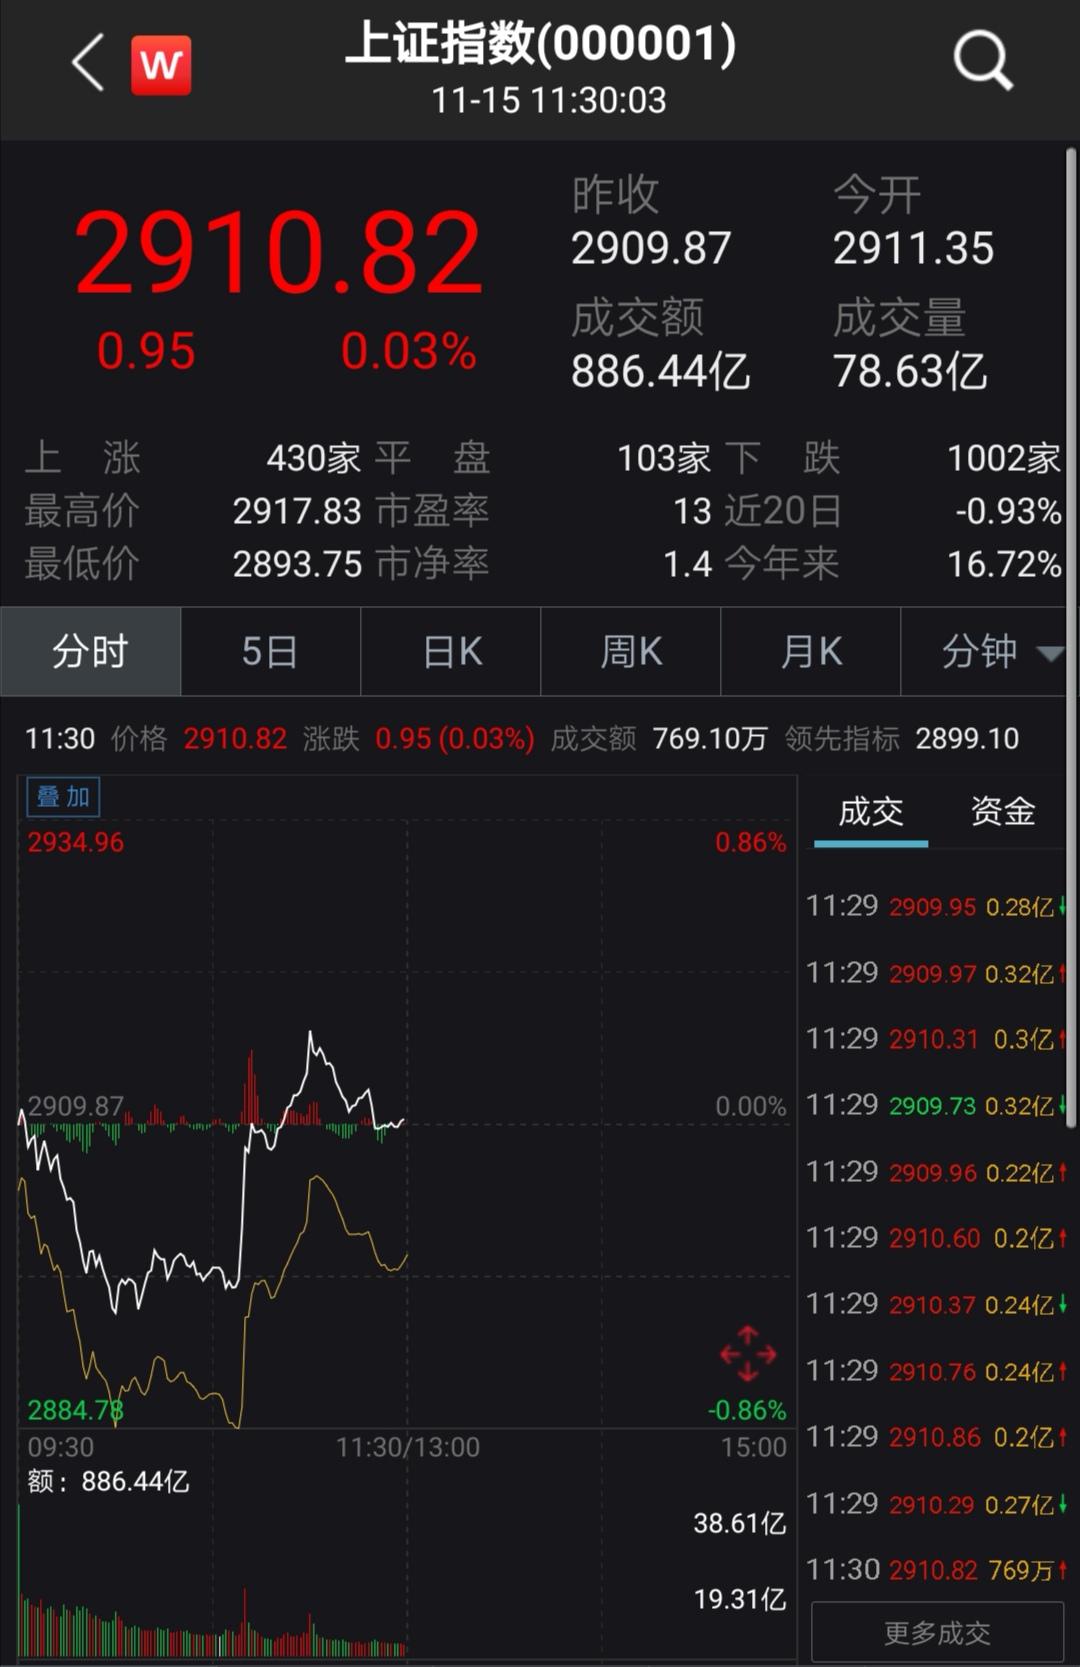 A股下探回升沪指半日微涨0.03% 稀土永磁概念股活跃